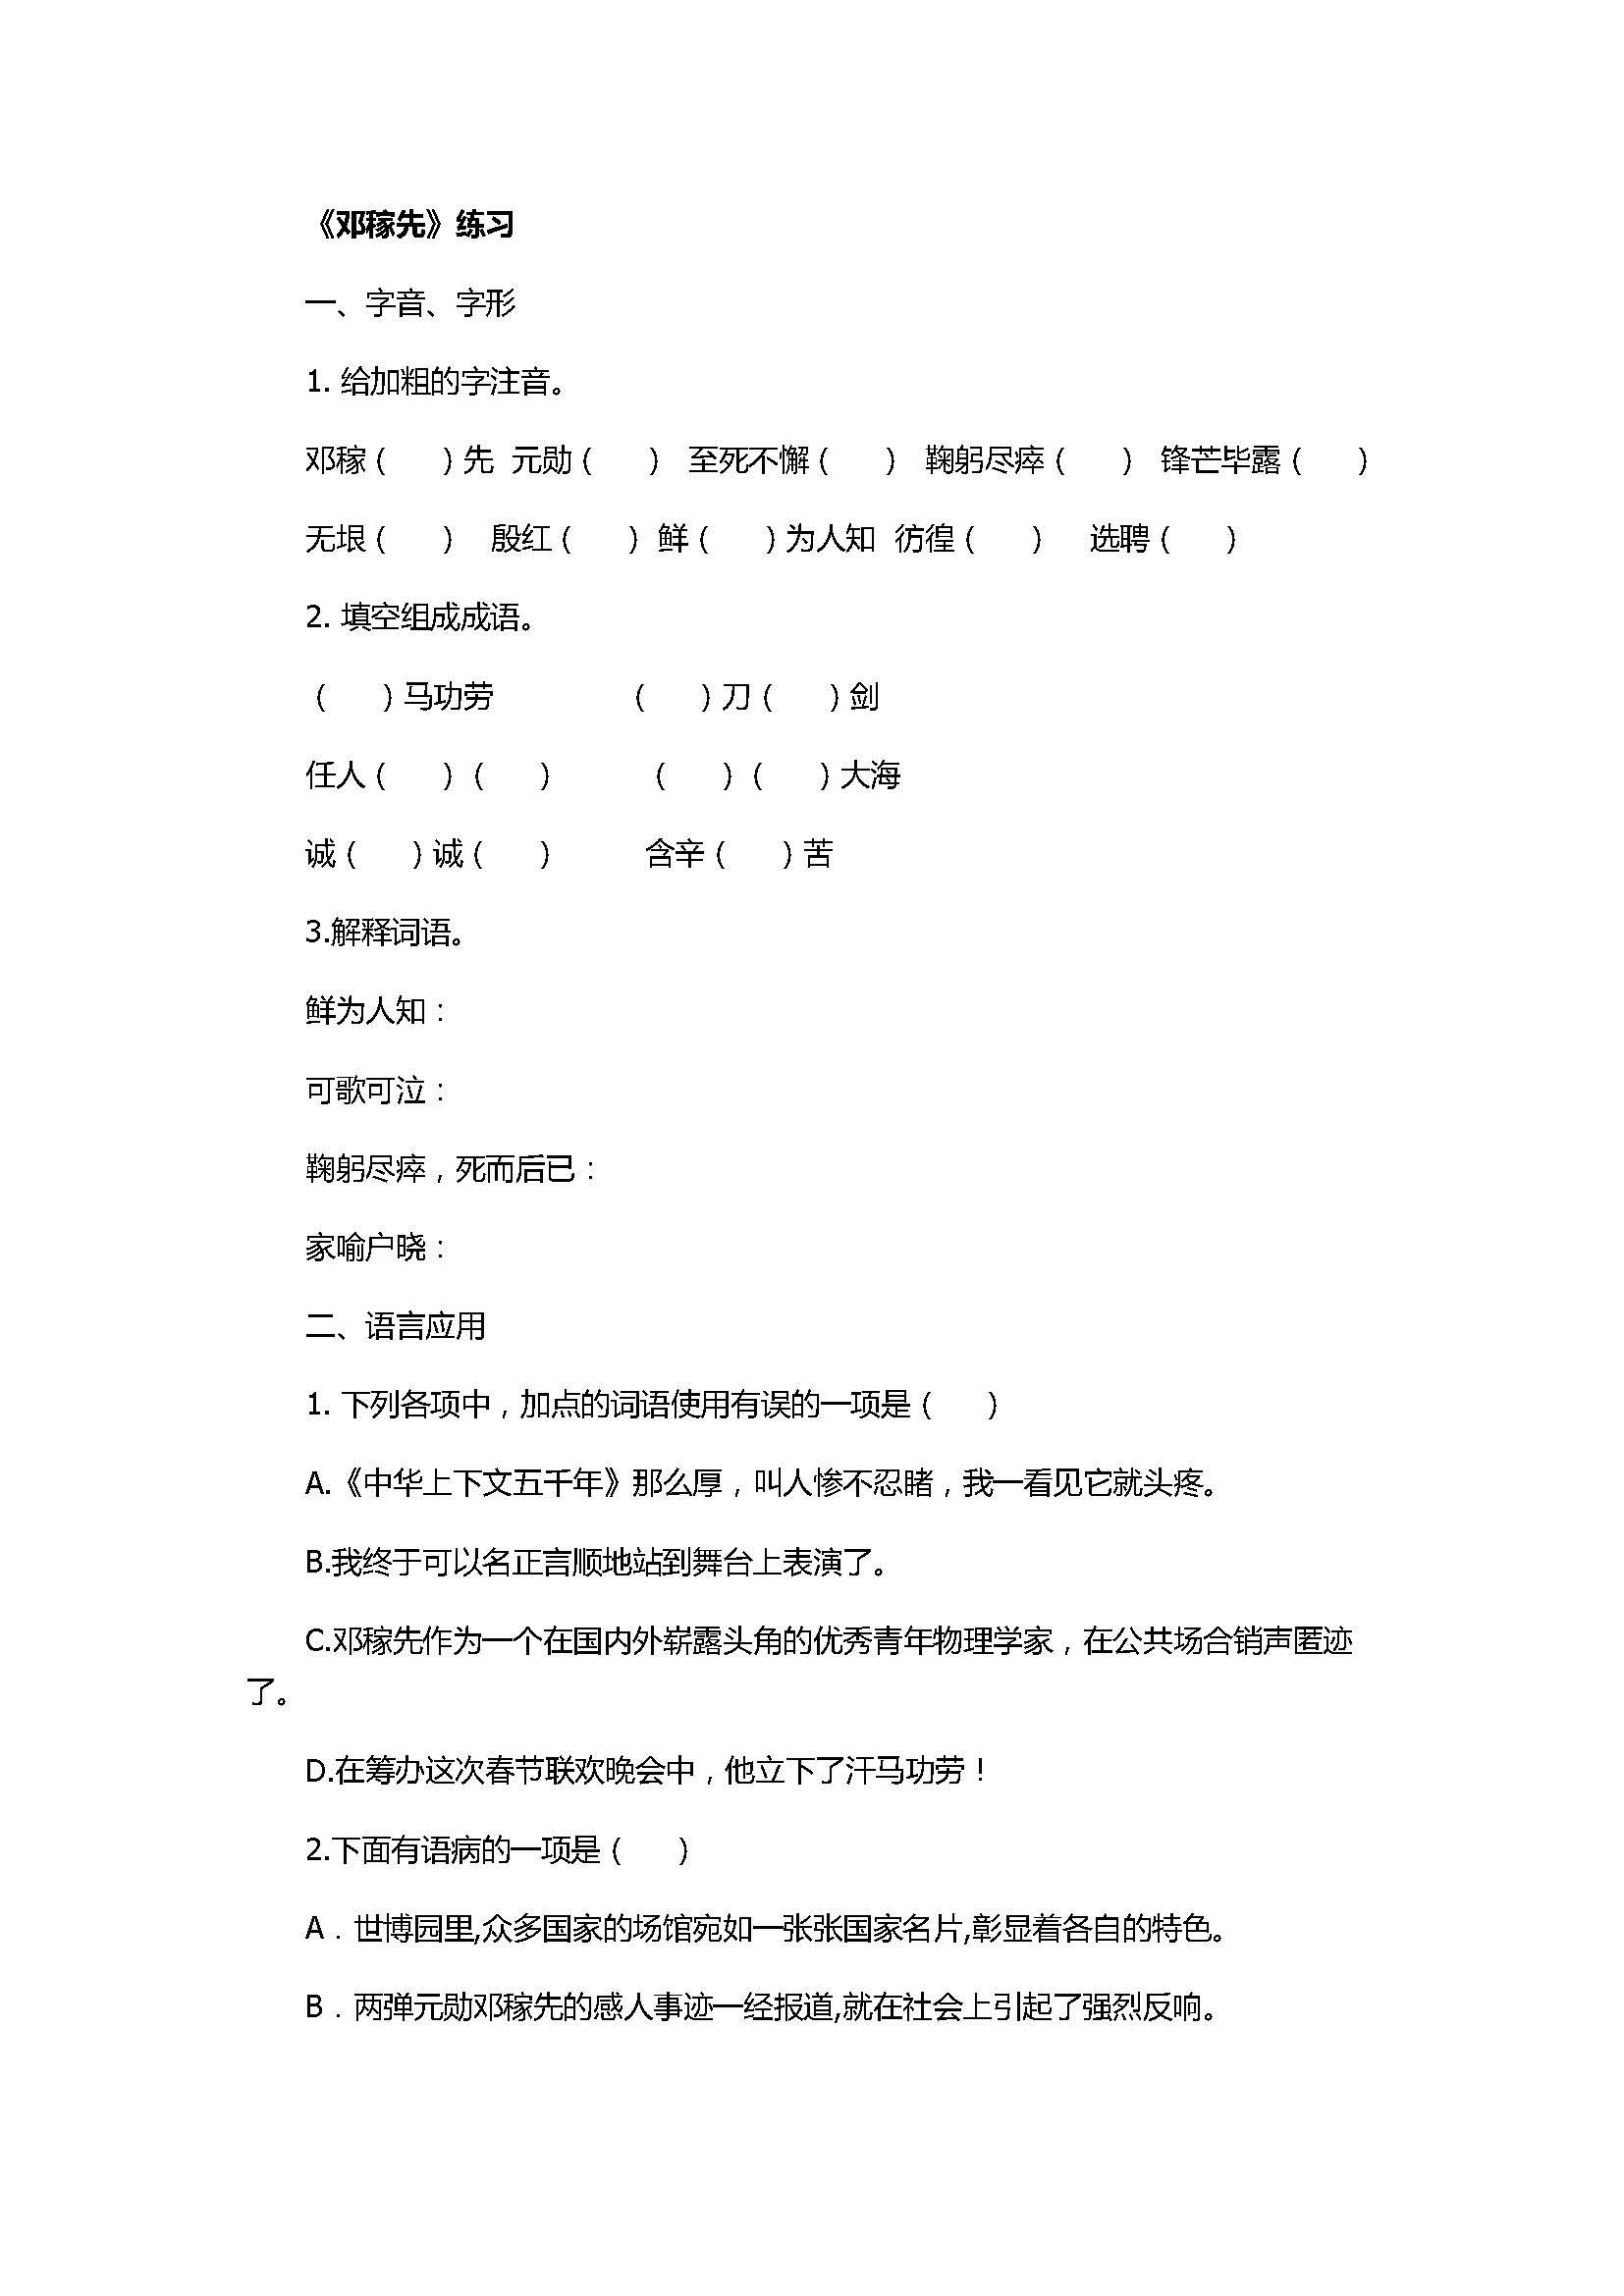 2017七年级语文下册《邓稼先》精编同步练习题含答案